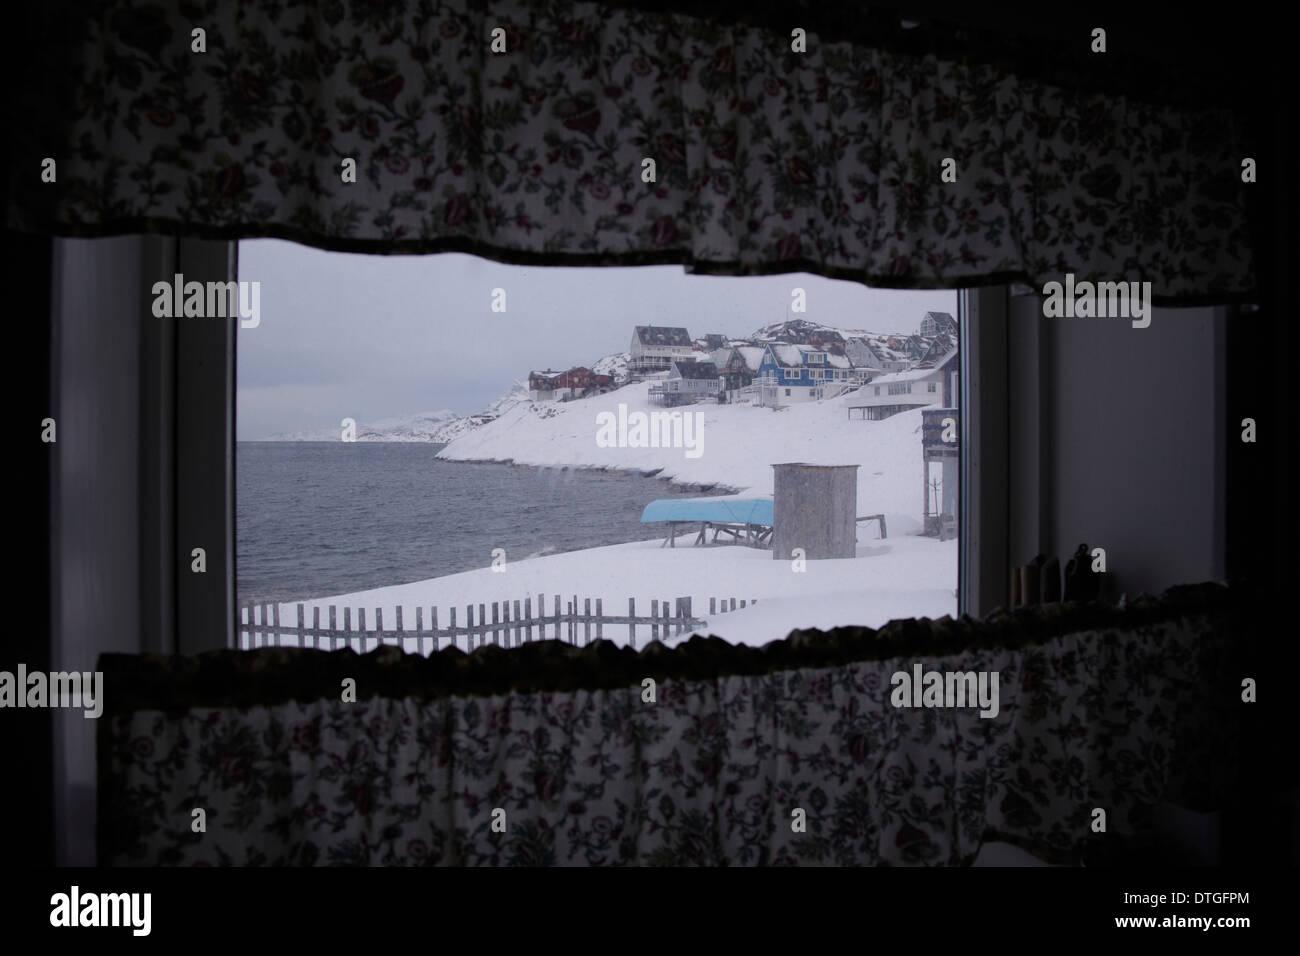 Vista desde una casa cerca del mar en la ciudad de Nuuk. Groenlandia Foto de stock